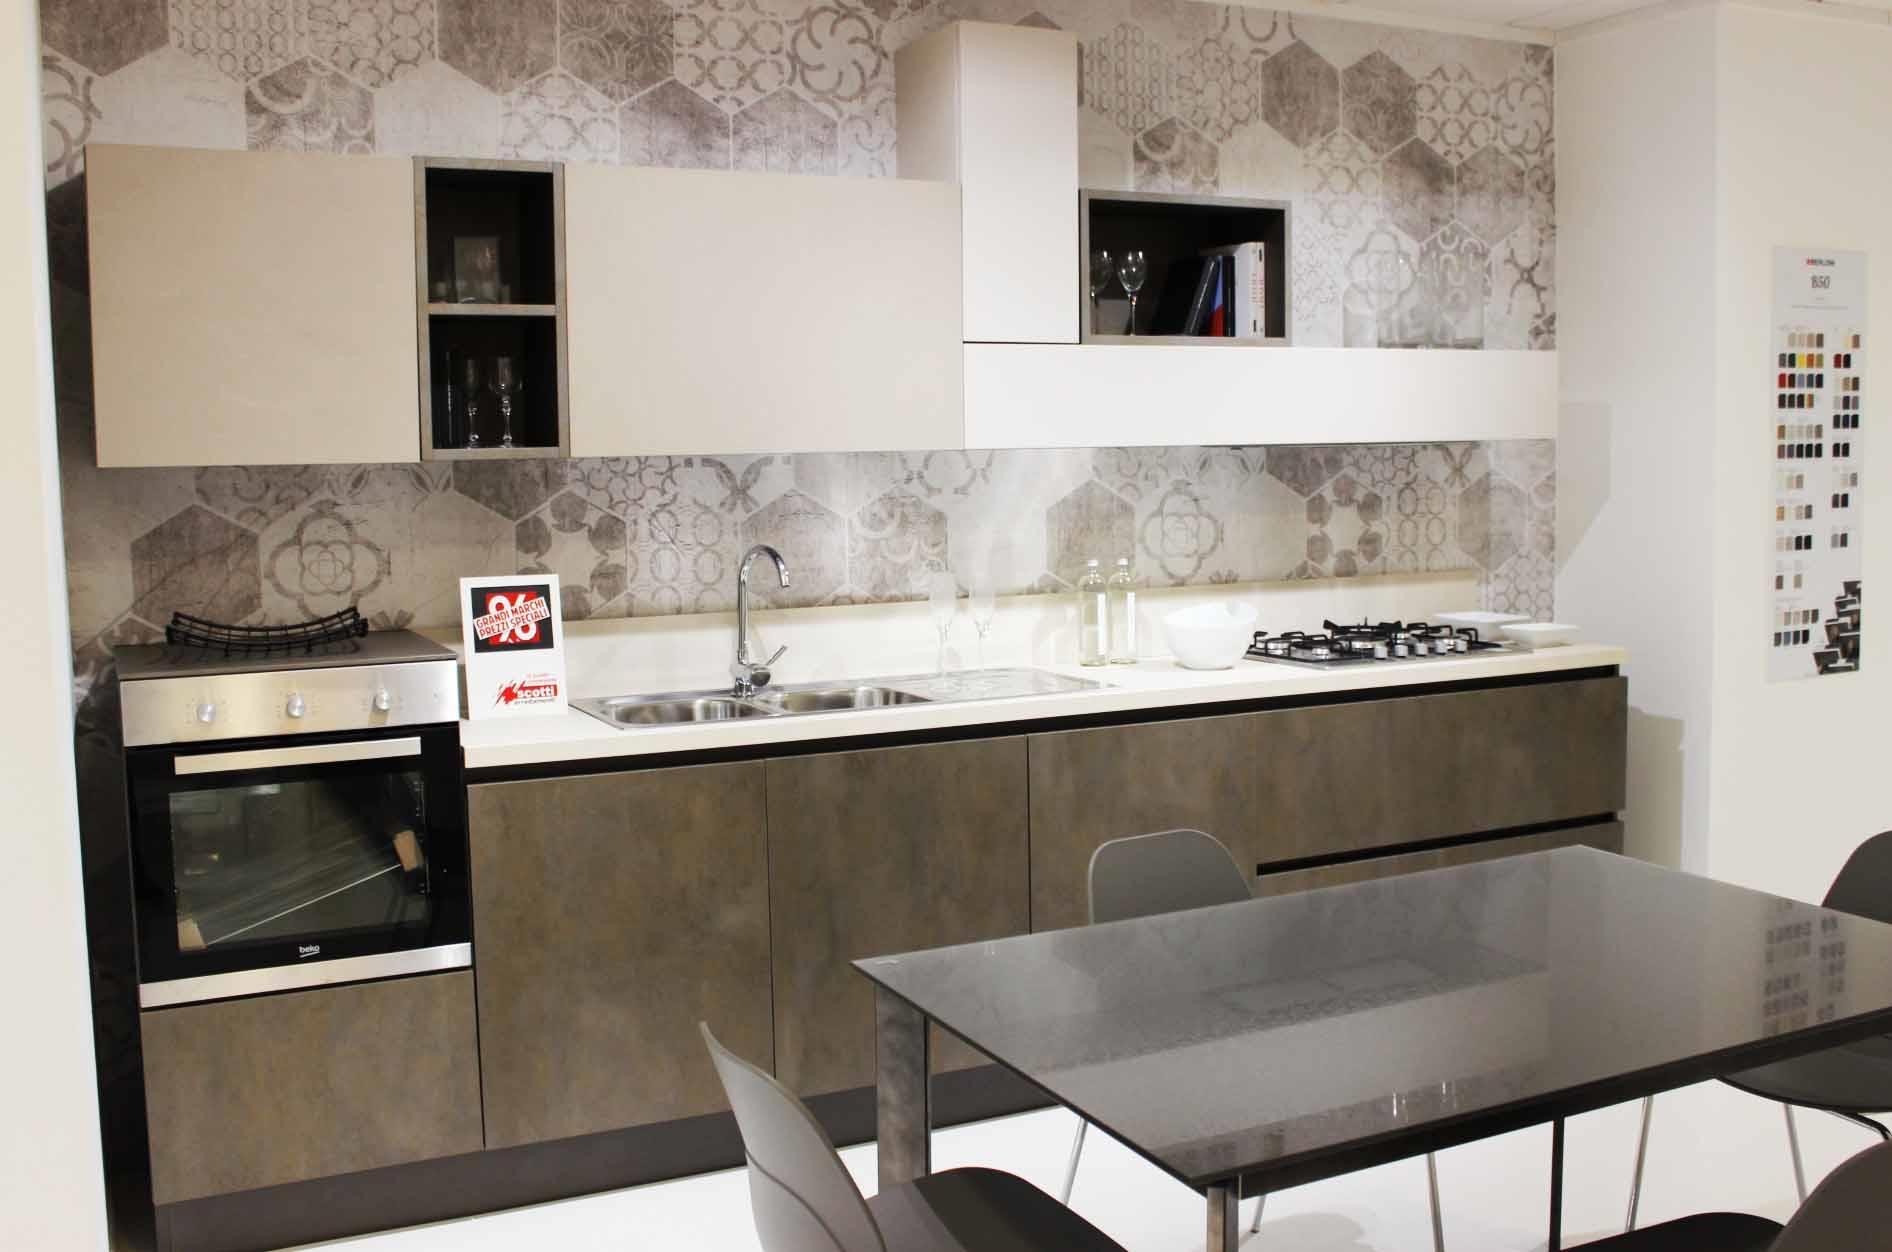 Offerte cucine roma prezzi affordable carina offerte cucine snaidero roma cucina design idee - Lady cucine prezzi ...